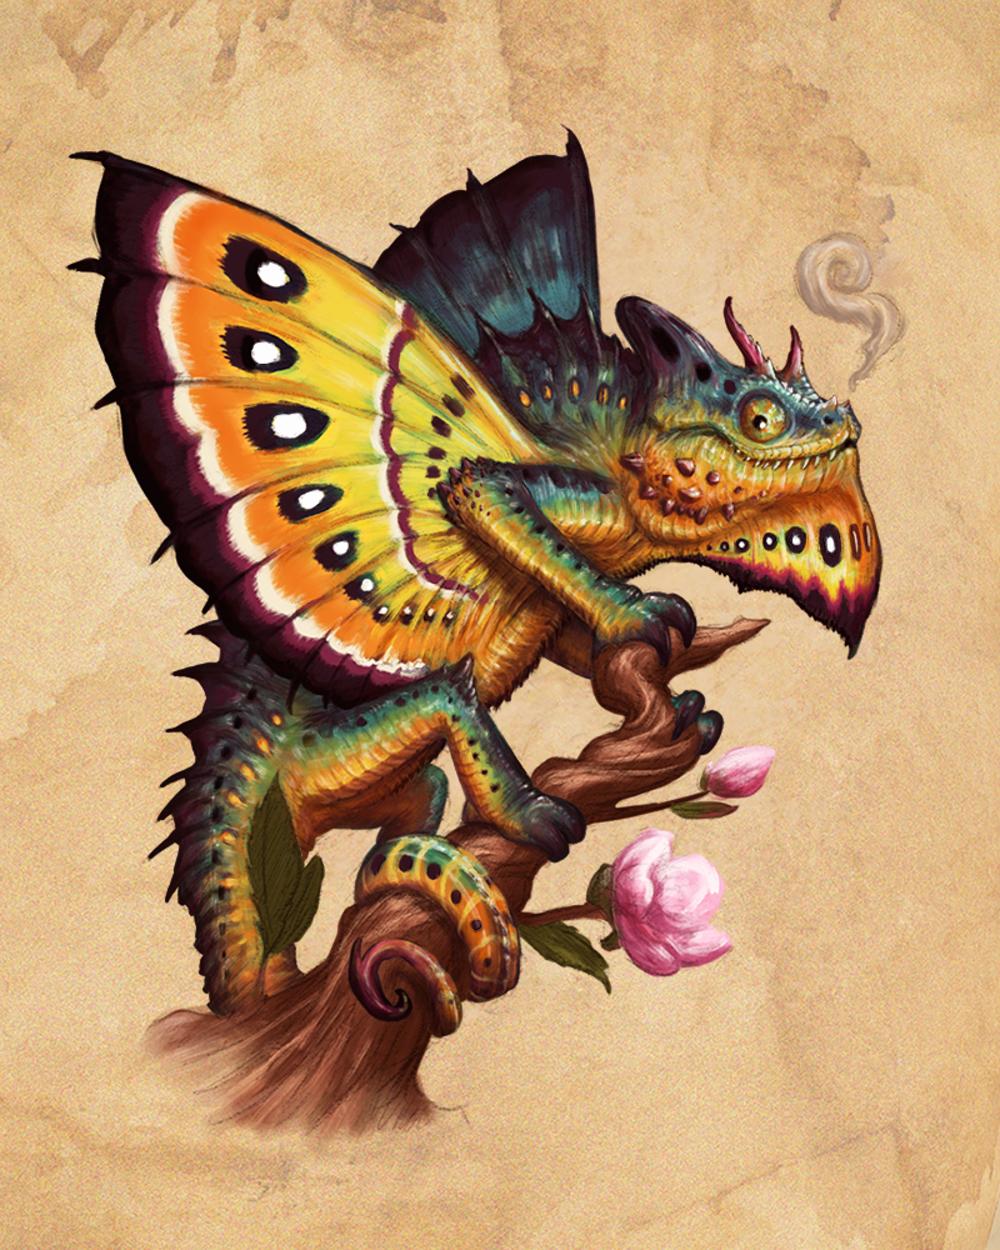 Horned Drakemeleon Artwork by Crystal Sully